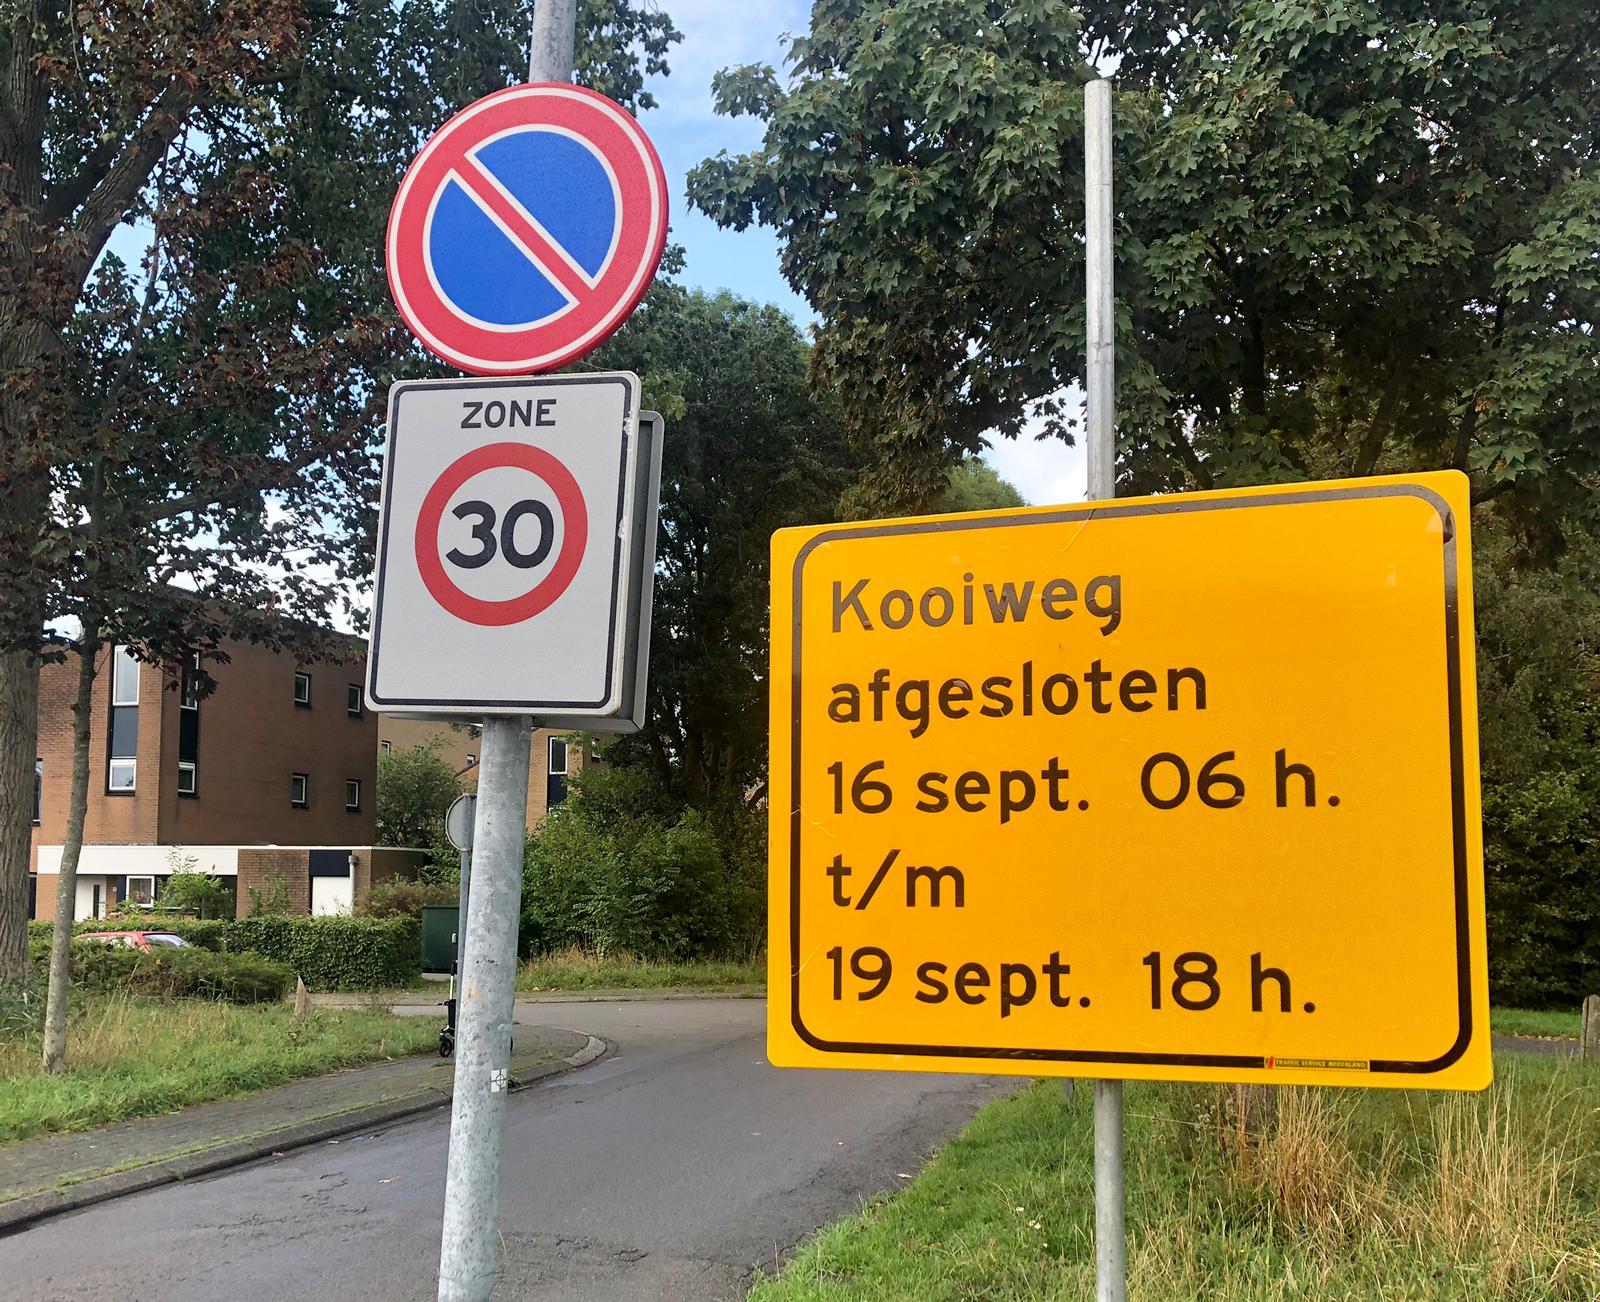 Kooiweg wordt afgesloten voor motorisch verkeer